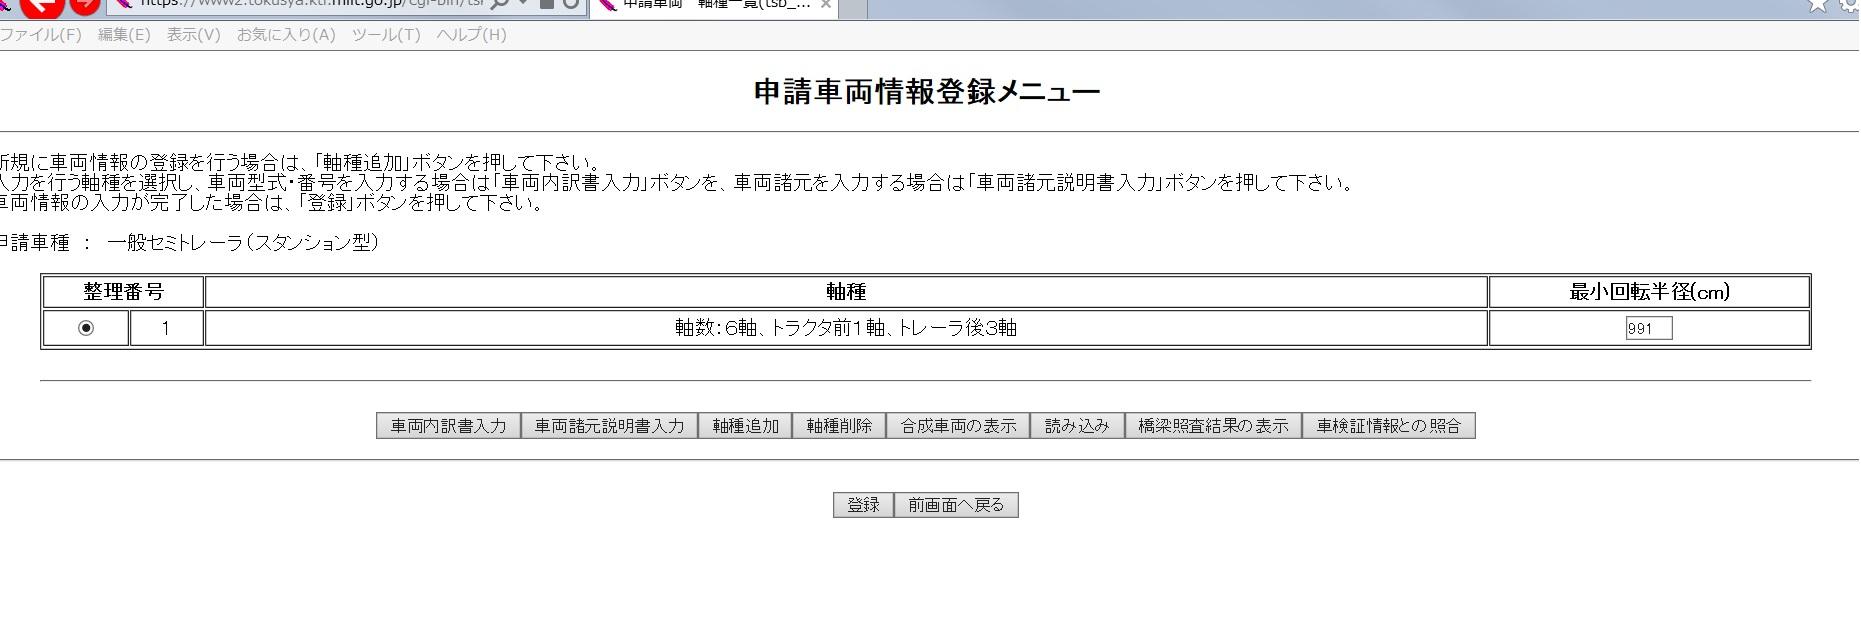 申請車両情報入力